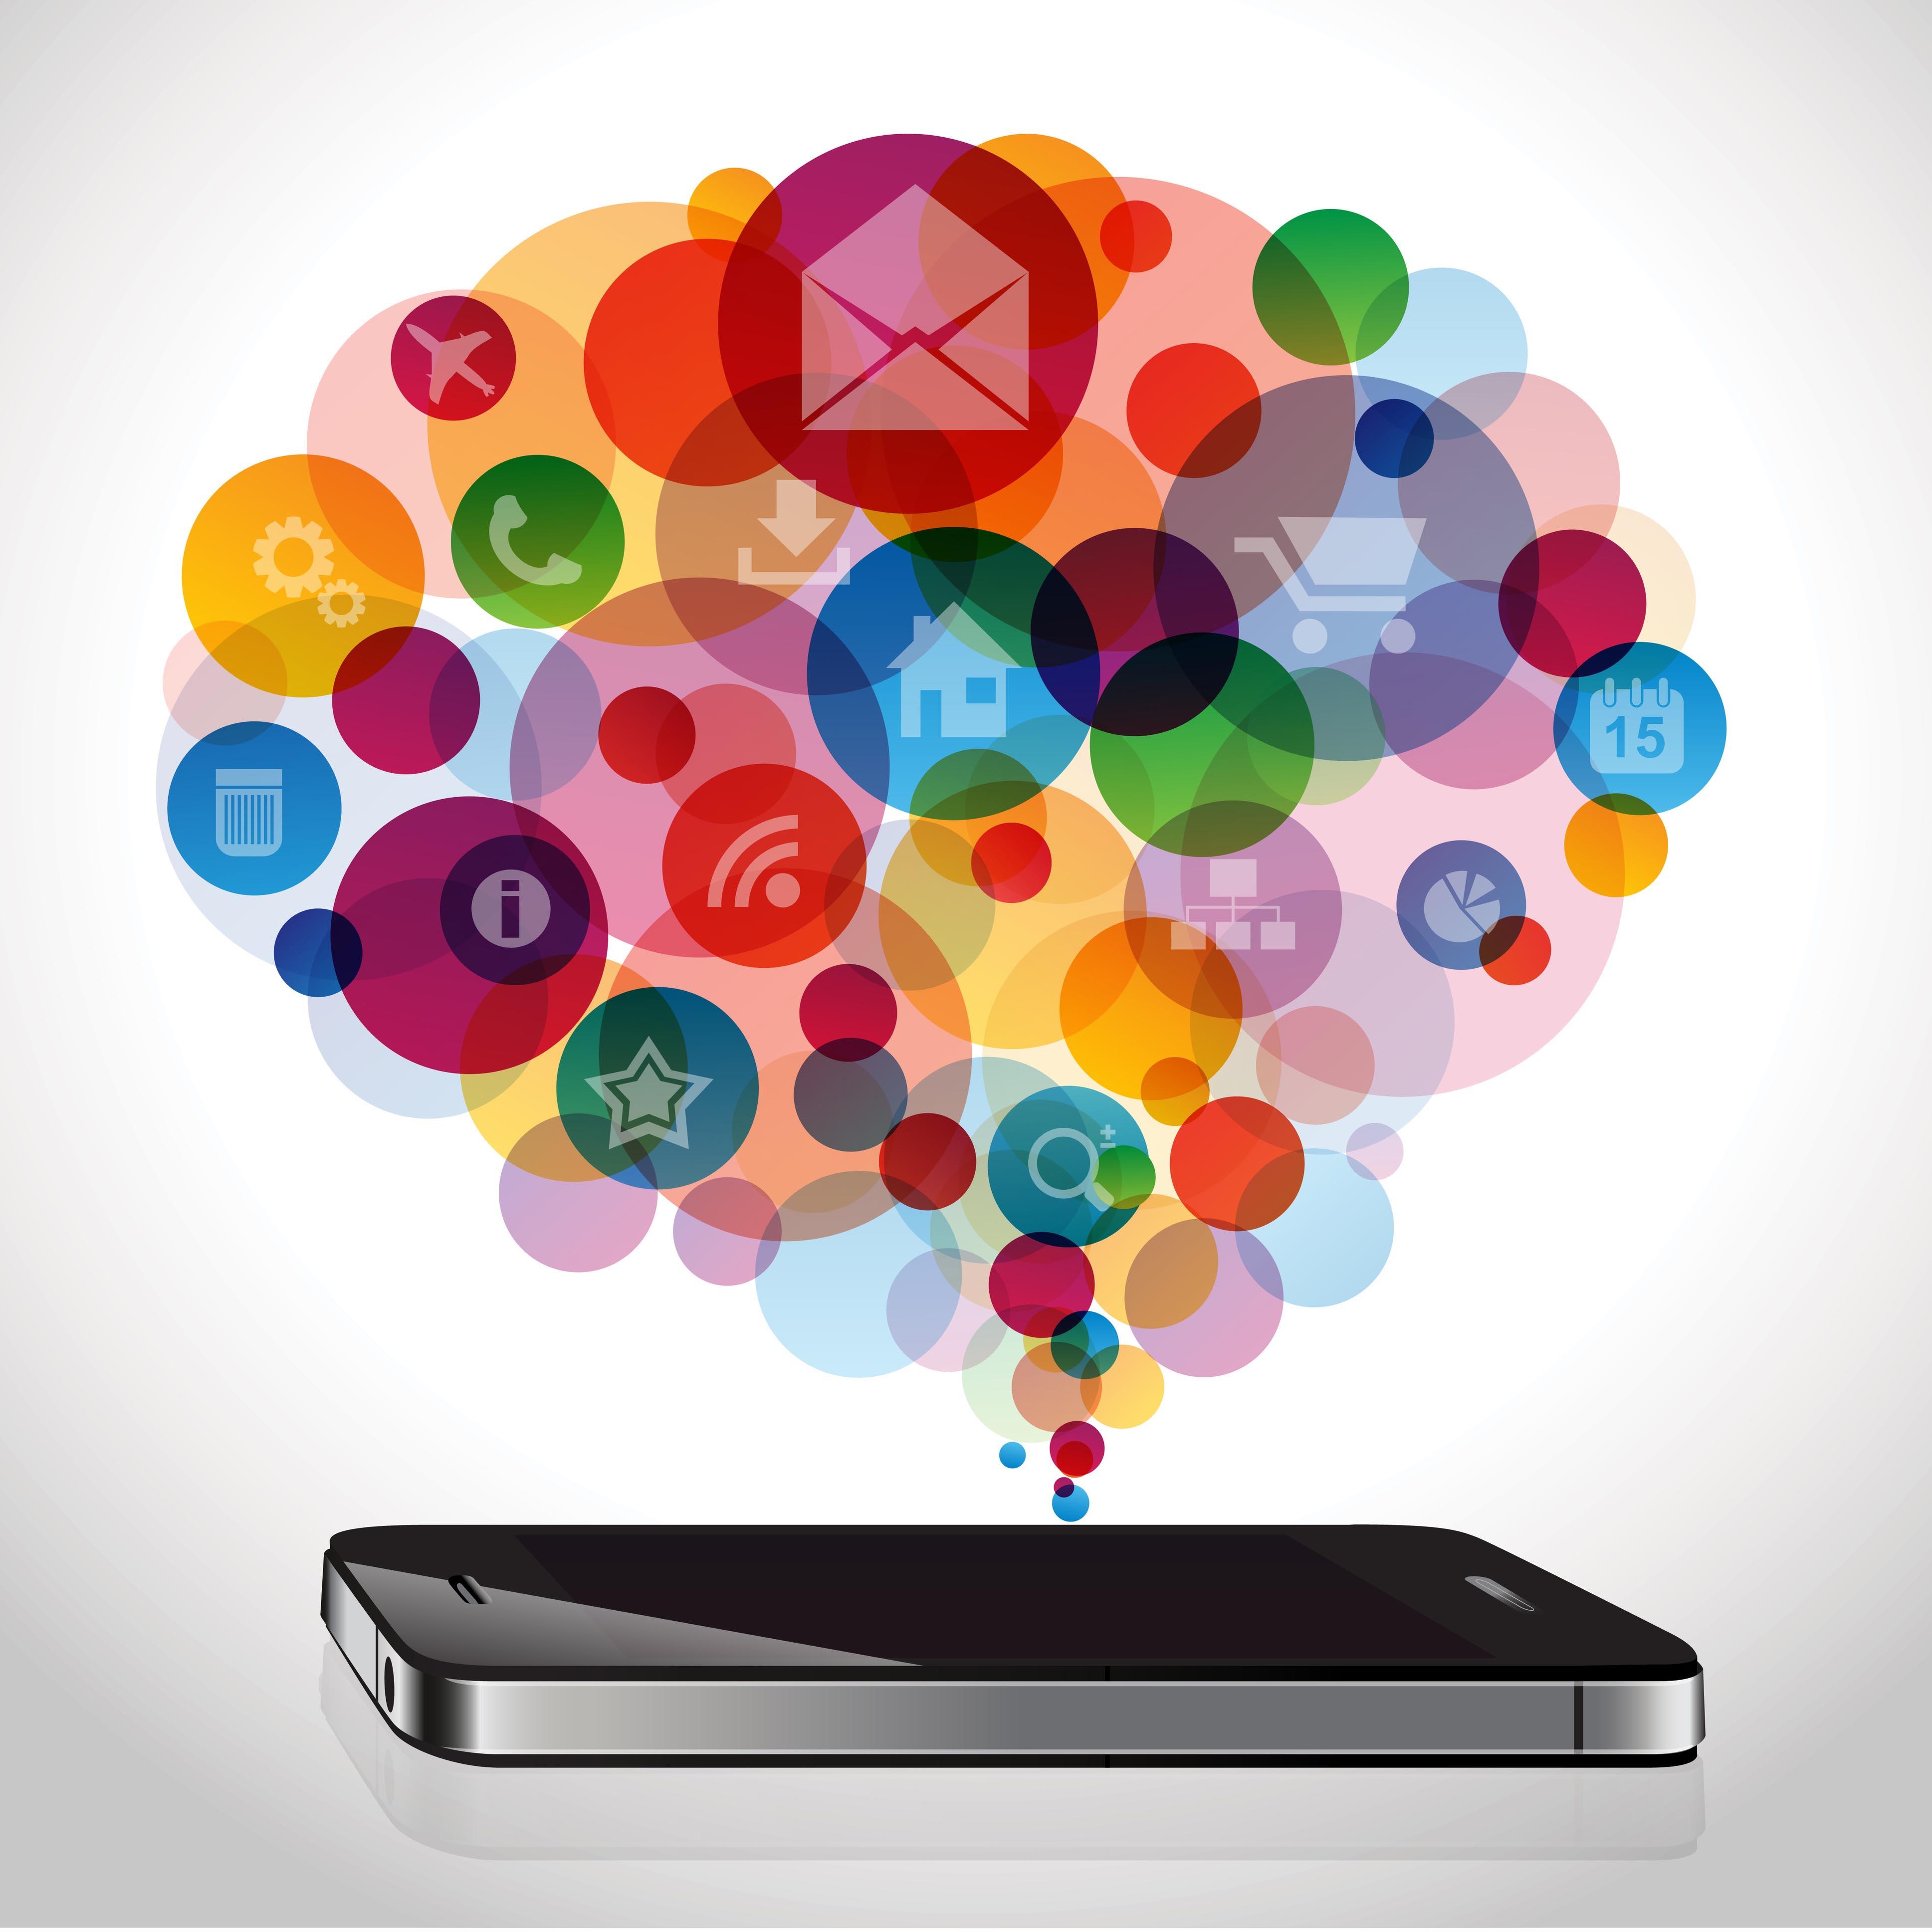 191 Qu 233 Hacen Las Aplicaciones Con Toda Nuestra Informaci 243 N Kids And Teens Online